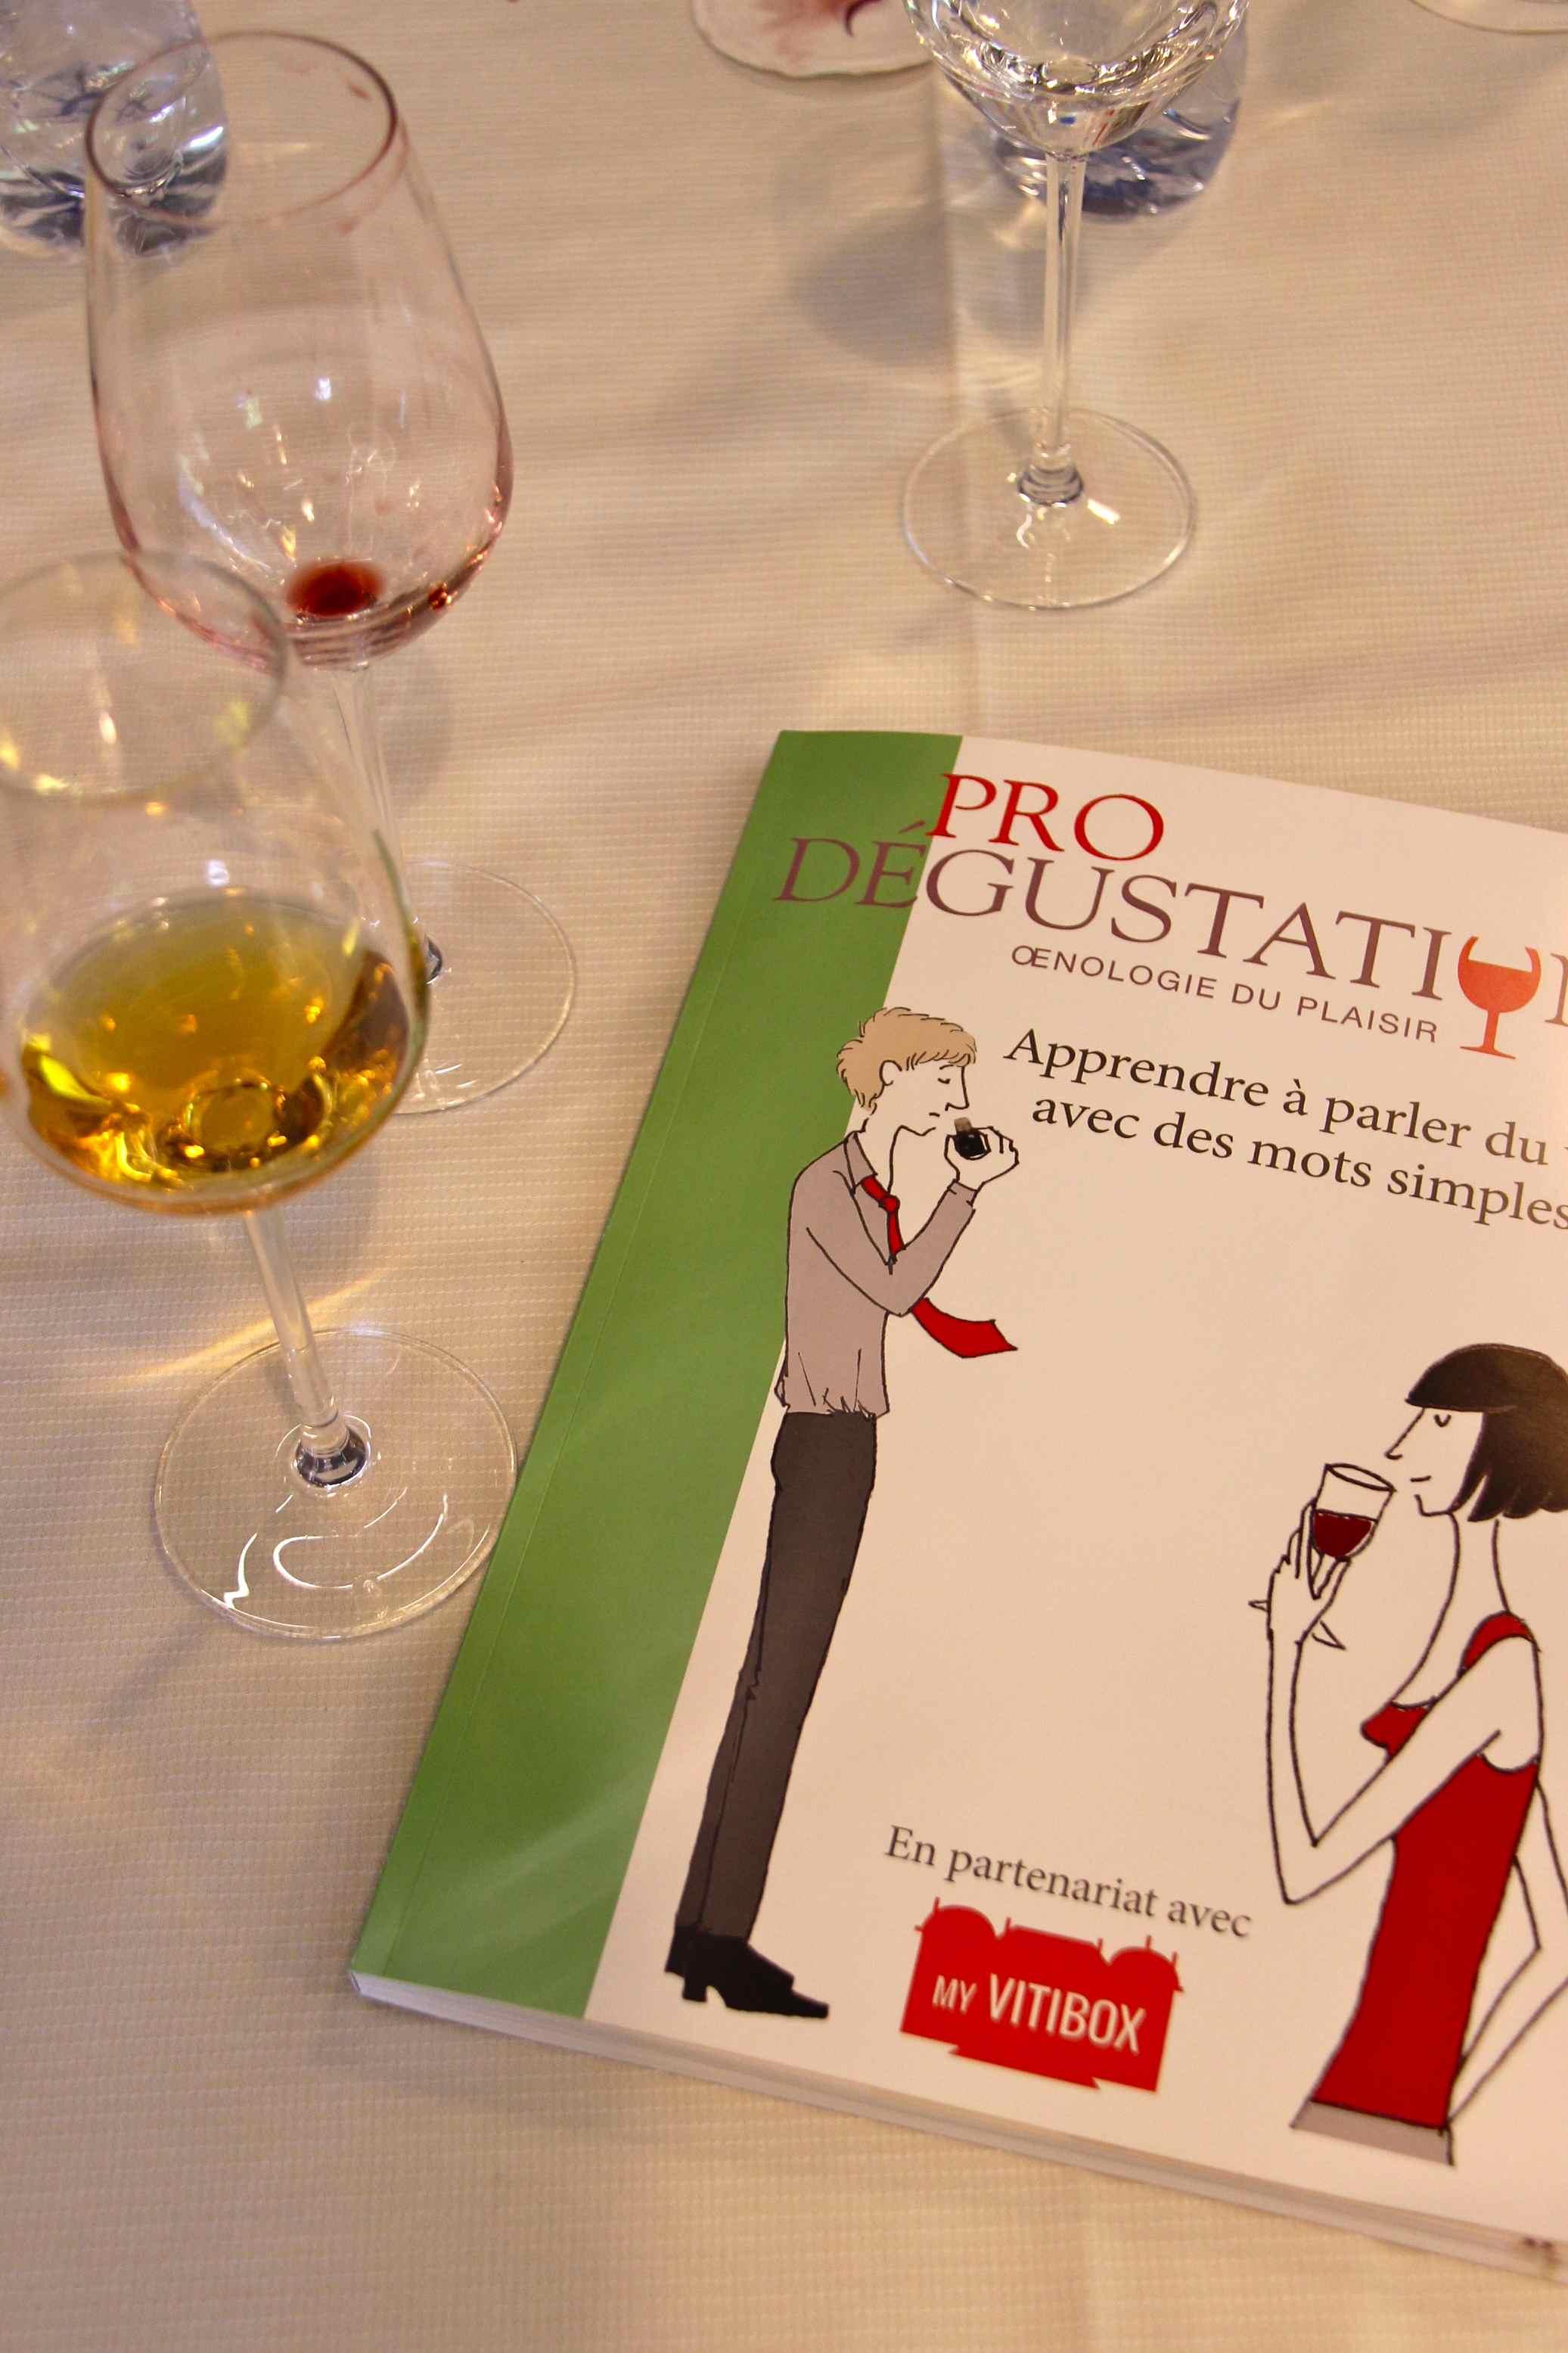 Guide de dégustation Prodégustation